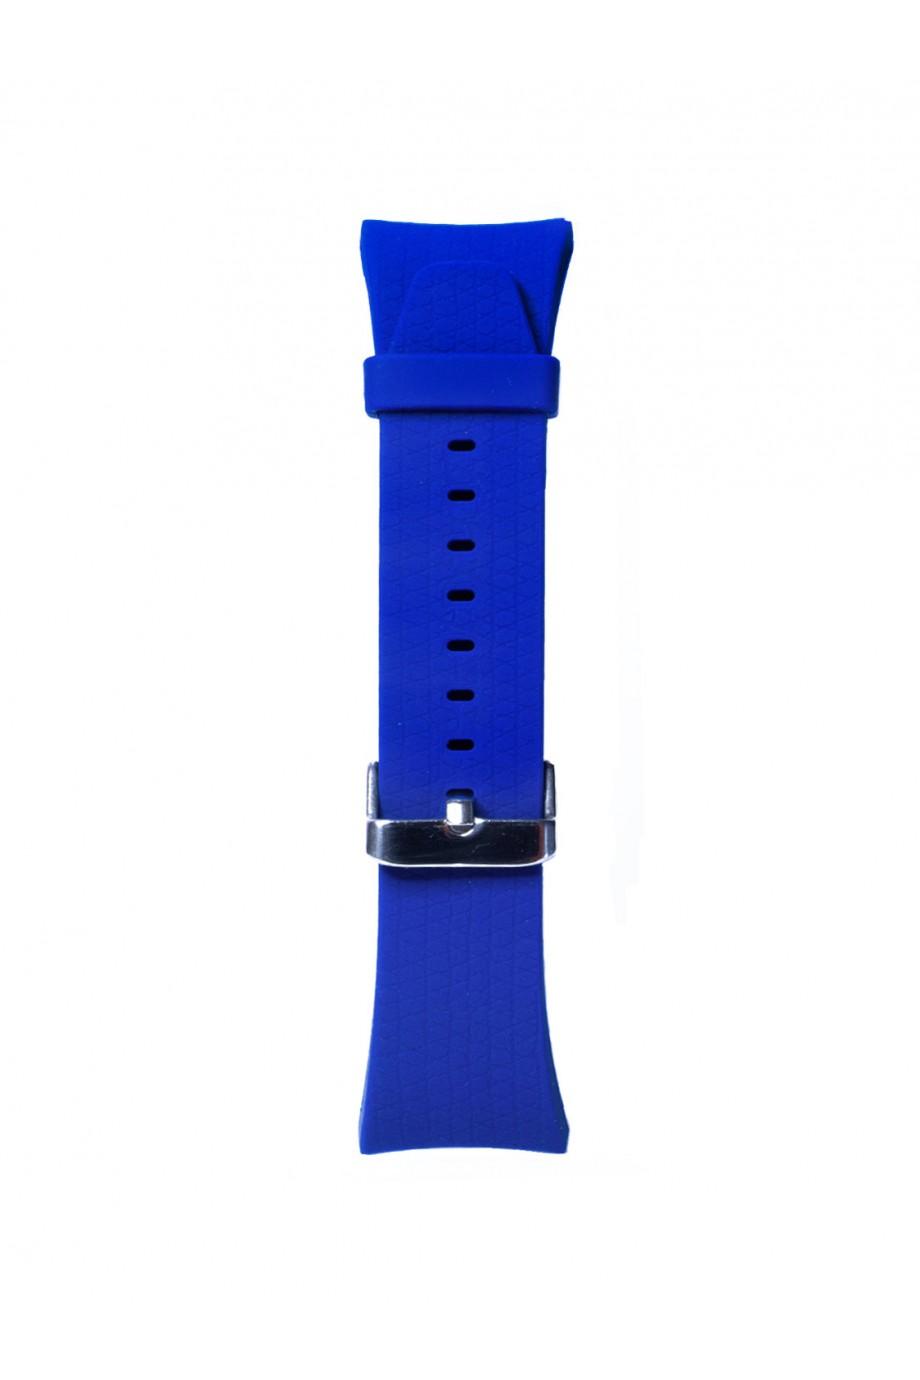 Силиконовый ремешок для Samsung Gear Fit 2 Pro, синий, FT-0013